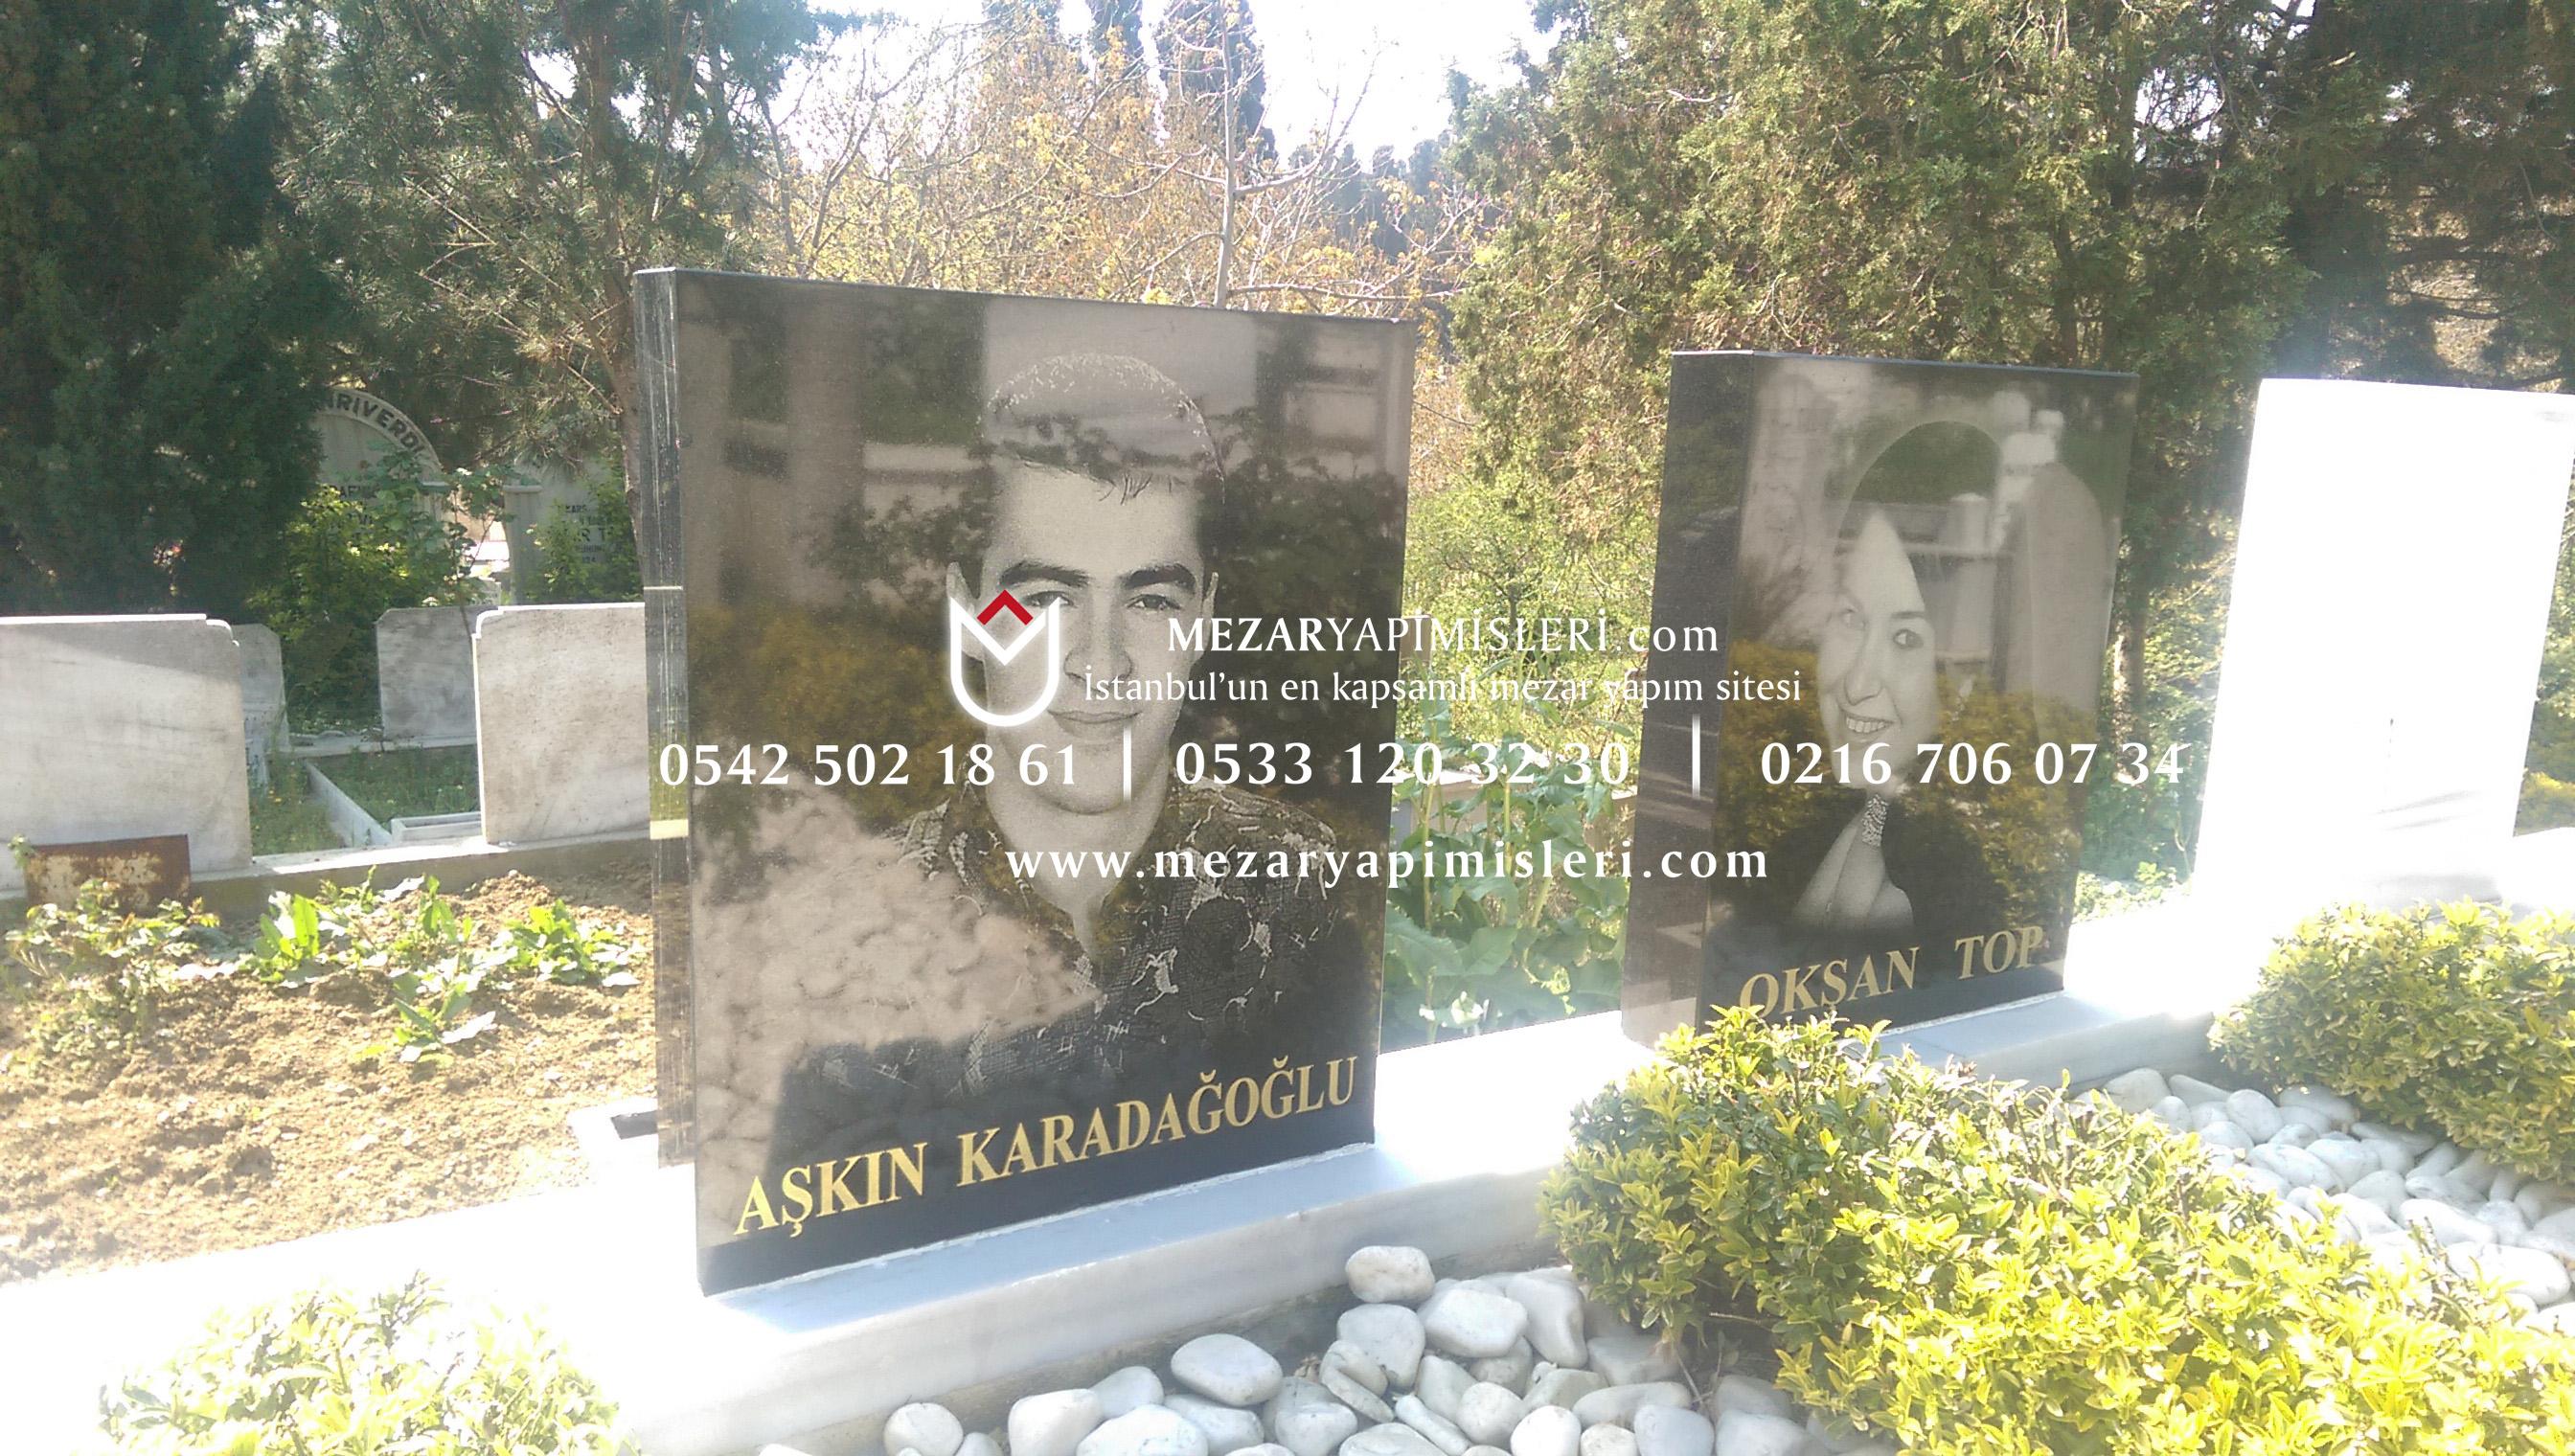 Mezar Baş Taşına Lazer Resim Uygulama Istanbul Mezar Yapımı